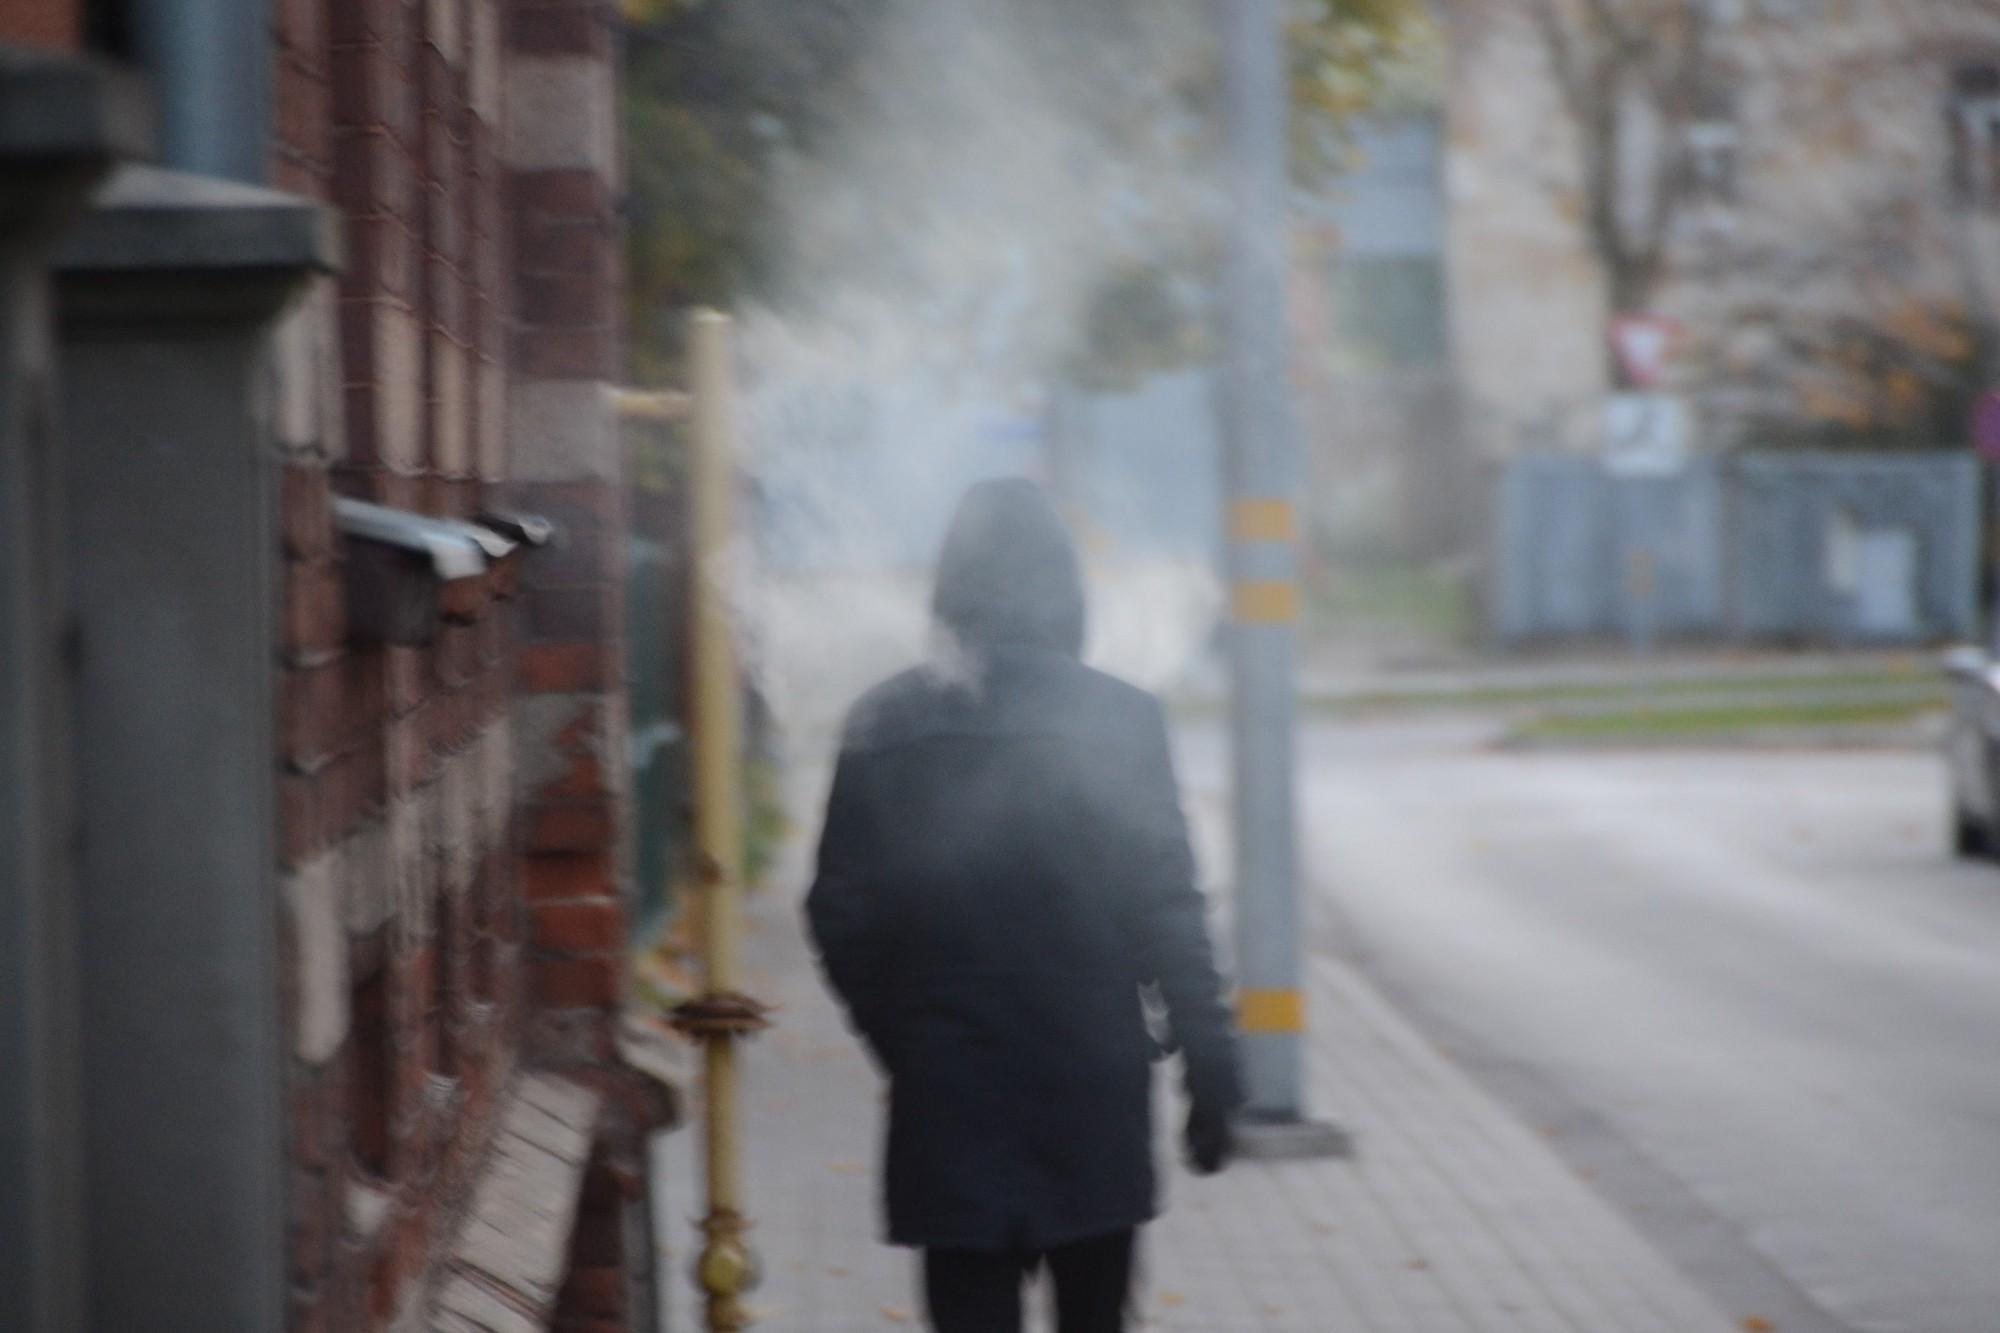 Liepājā aiztur jaunieti, kurš, iespējams, smēķējis cigareti ar nezināmas izcelsmes augu valsts maisījumu